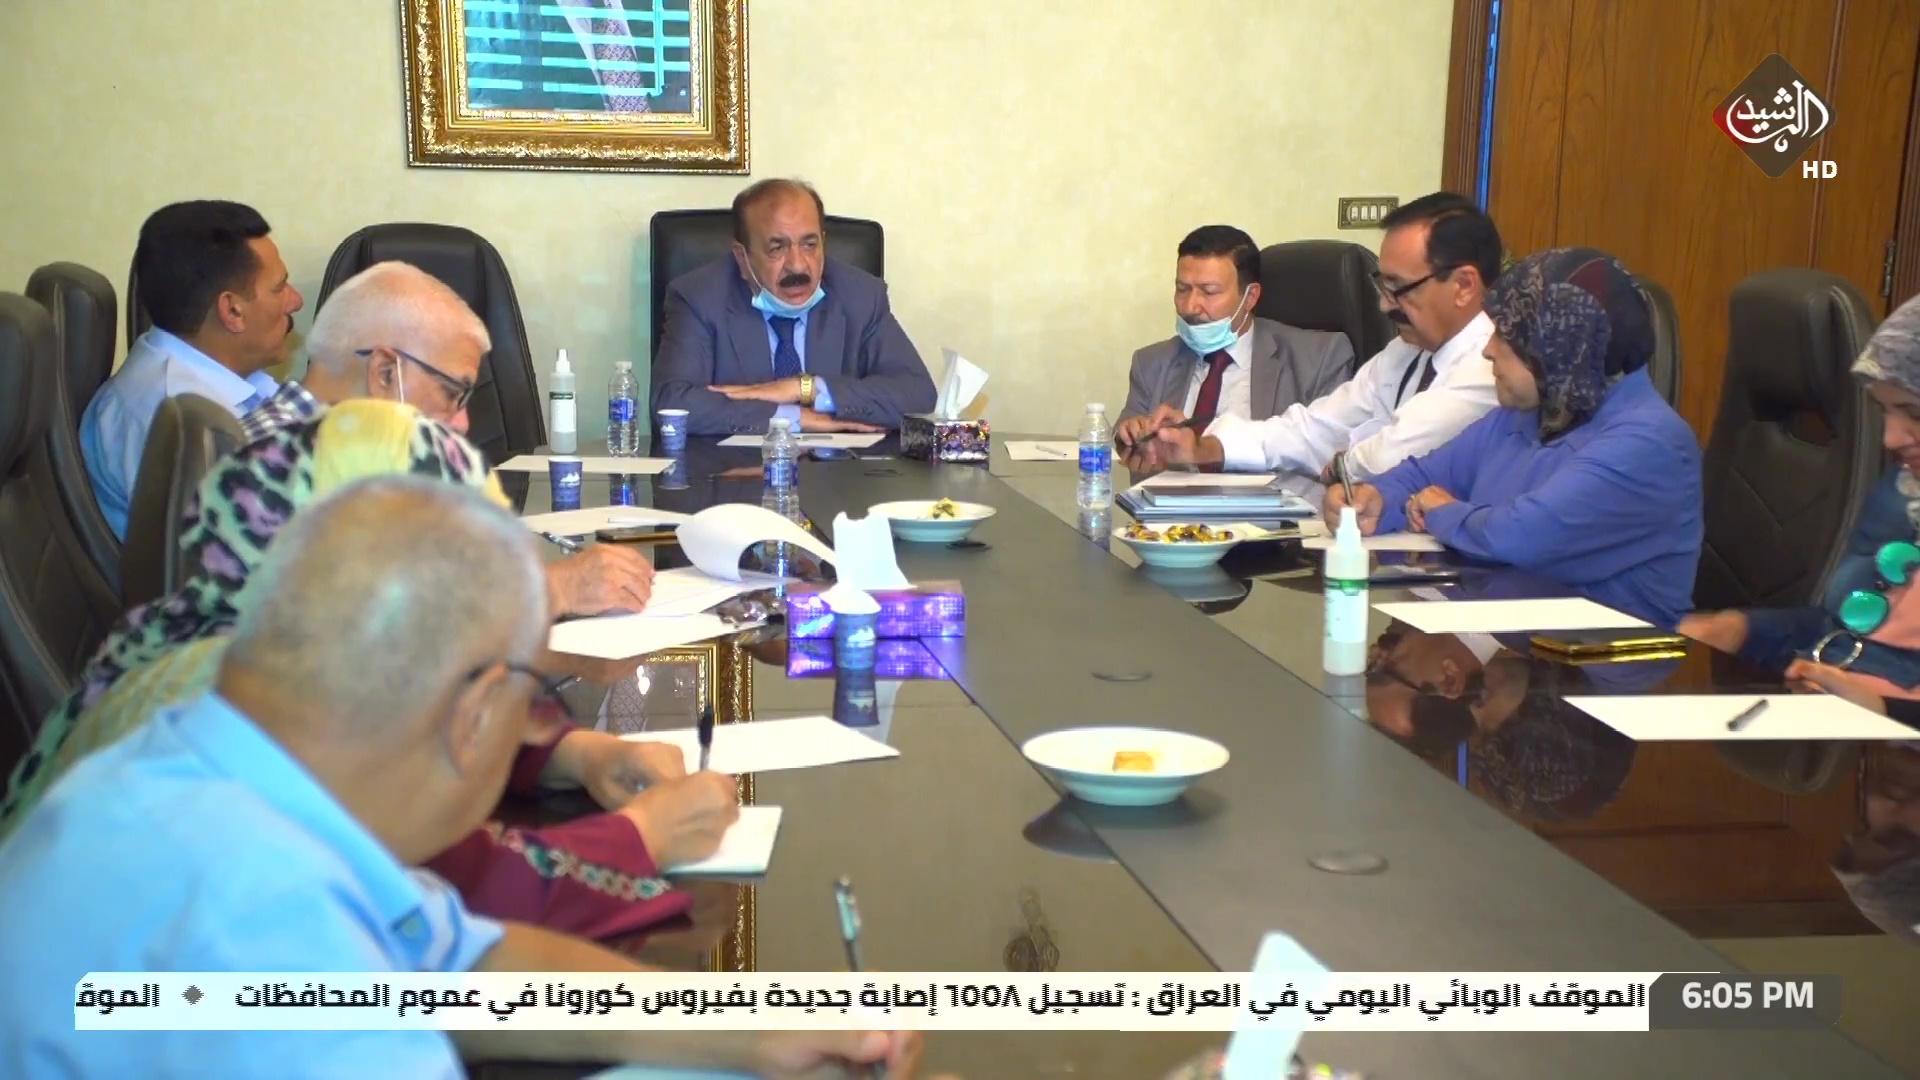 الأمانة العامة لحزب التجمع الجمهوري تعقد اجتماعها الدوري